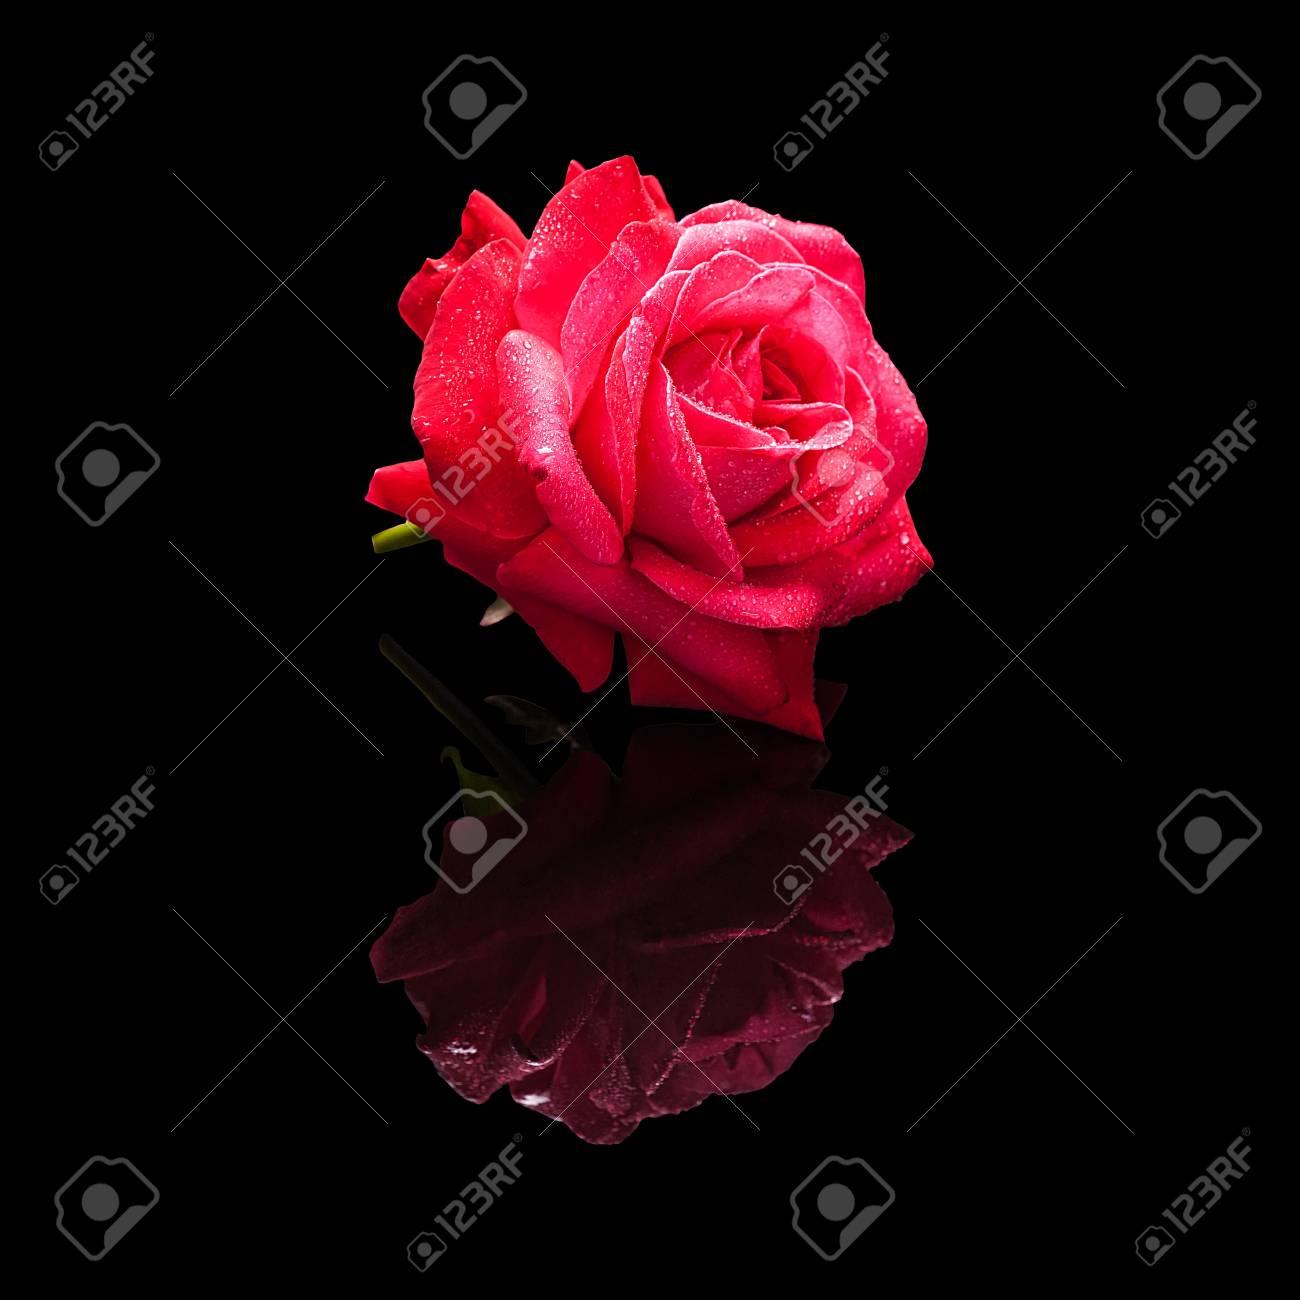 Fleur Rose Rouge Avec Des Gouttes D Eau Isolees Sur Un Fond Noir